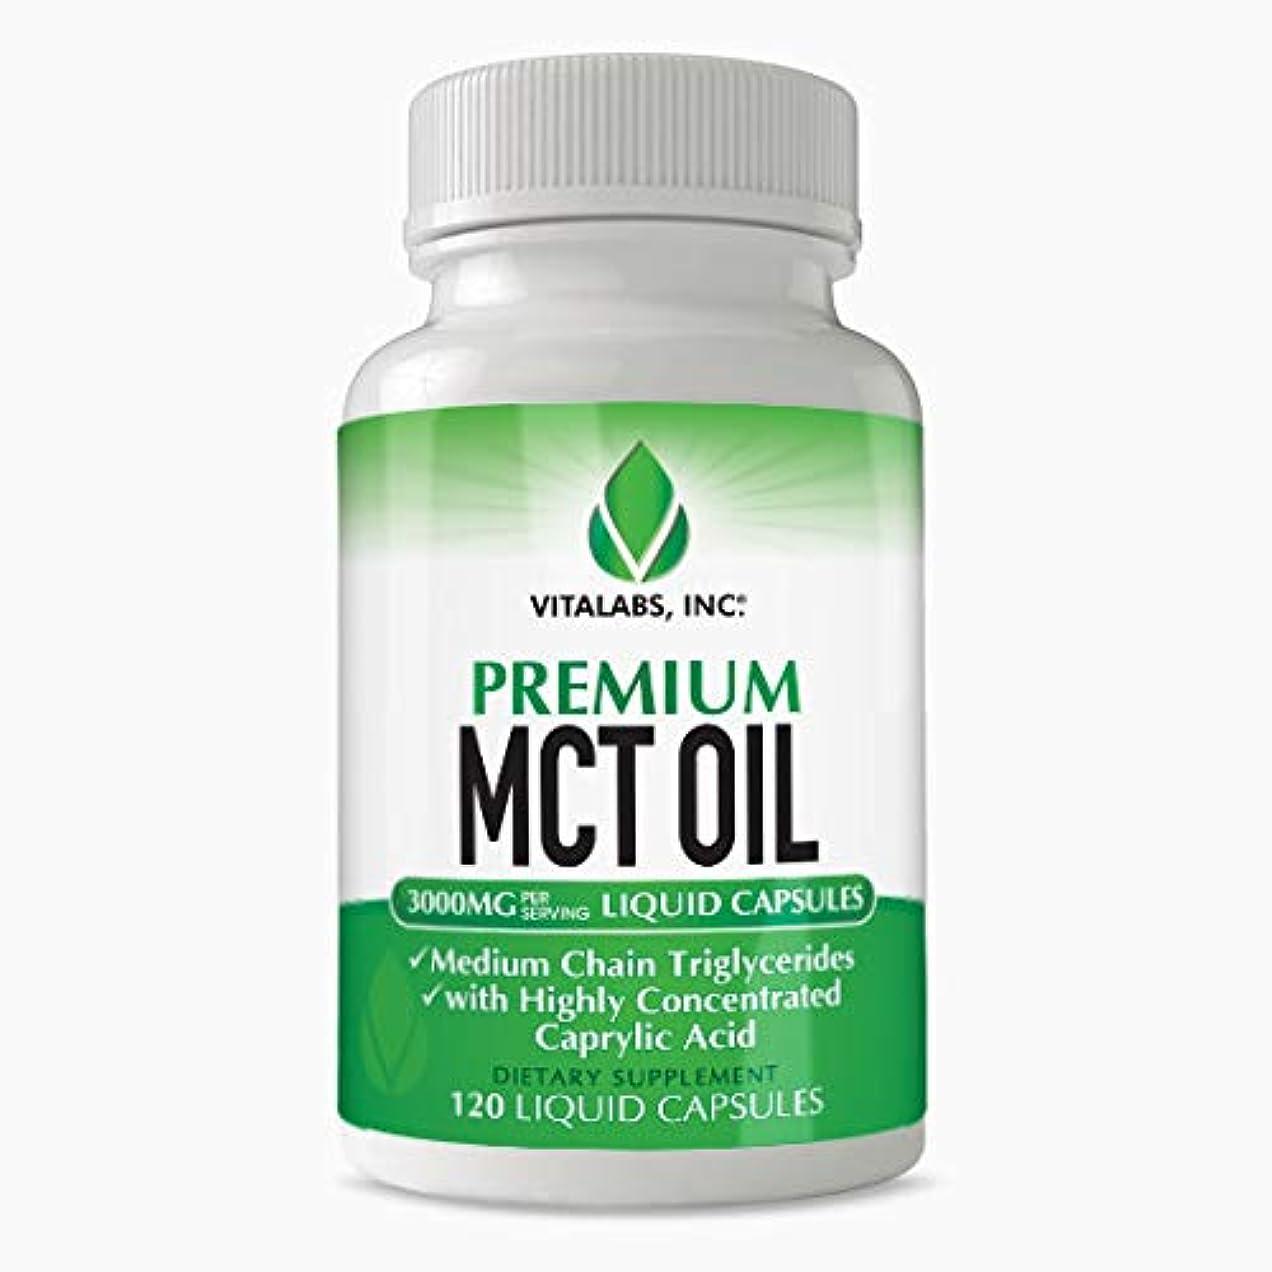 プロット義務づける基準取りやすいジェルカプセルタイプ?ココナッツ由来-MCT オイル/3000mg(1Serving) 120Capsules 【Vitalabs.MCT Oil】 (3)